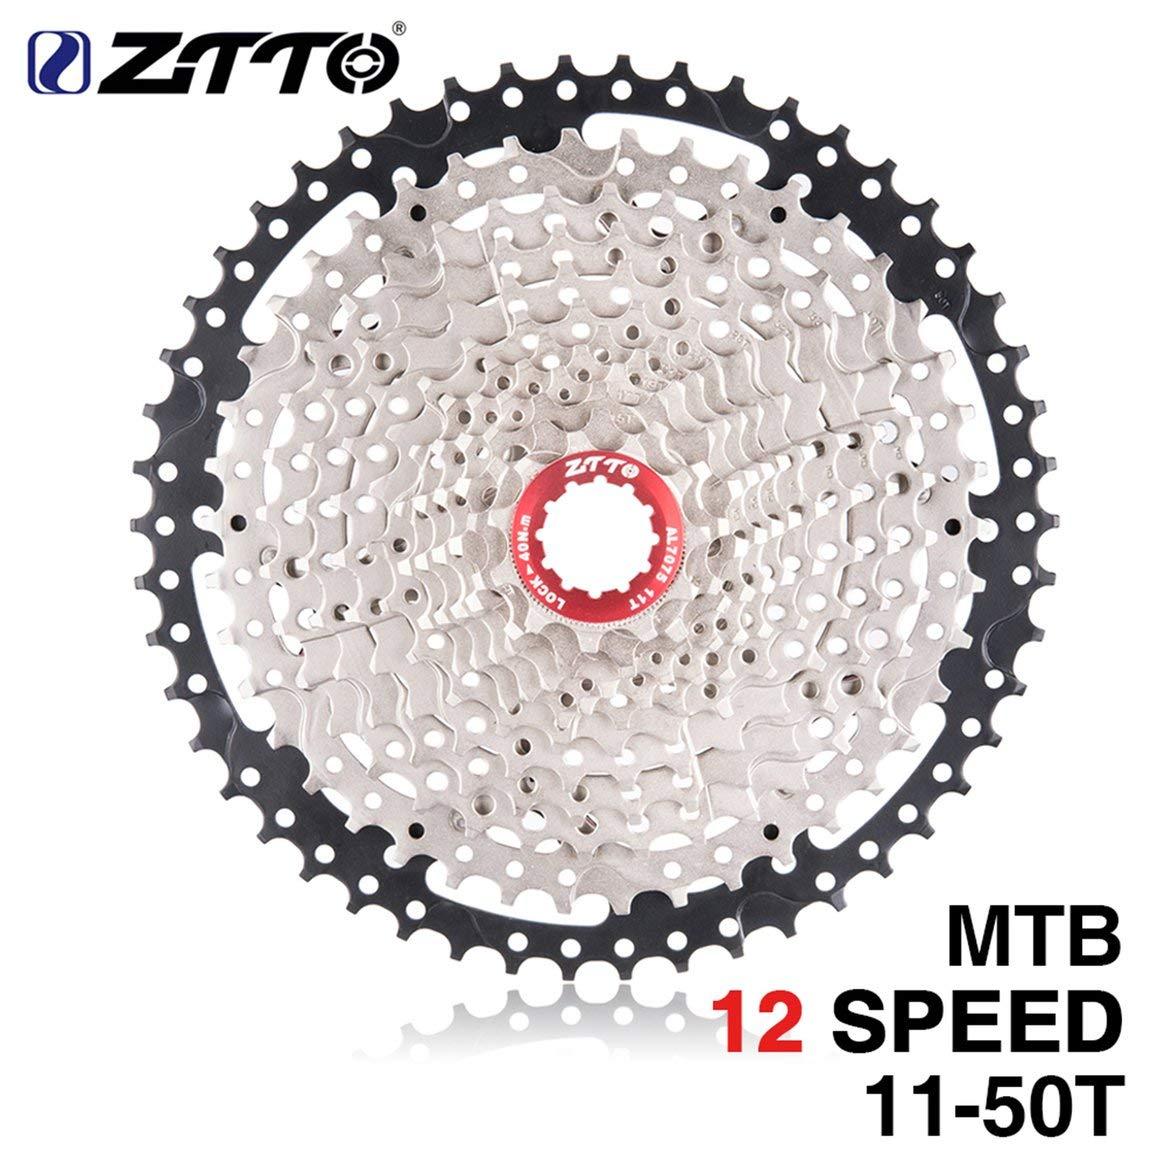 Delicacydex ZTTO 11-Fach Kassette 11-50T kompatibles Rennrad Shimano Sram System hochfeste Stahlkettenräder faltendes Silber schwarzes